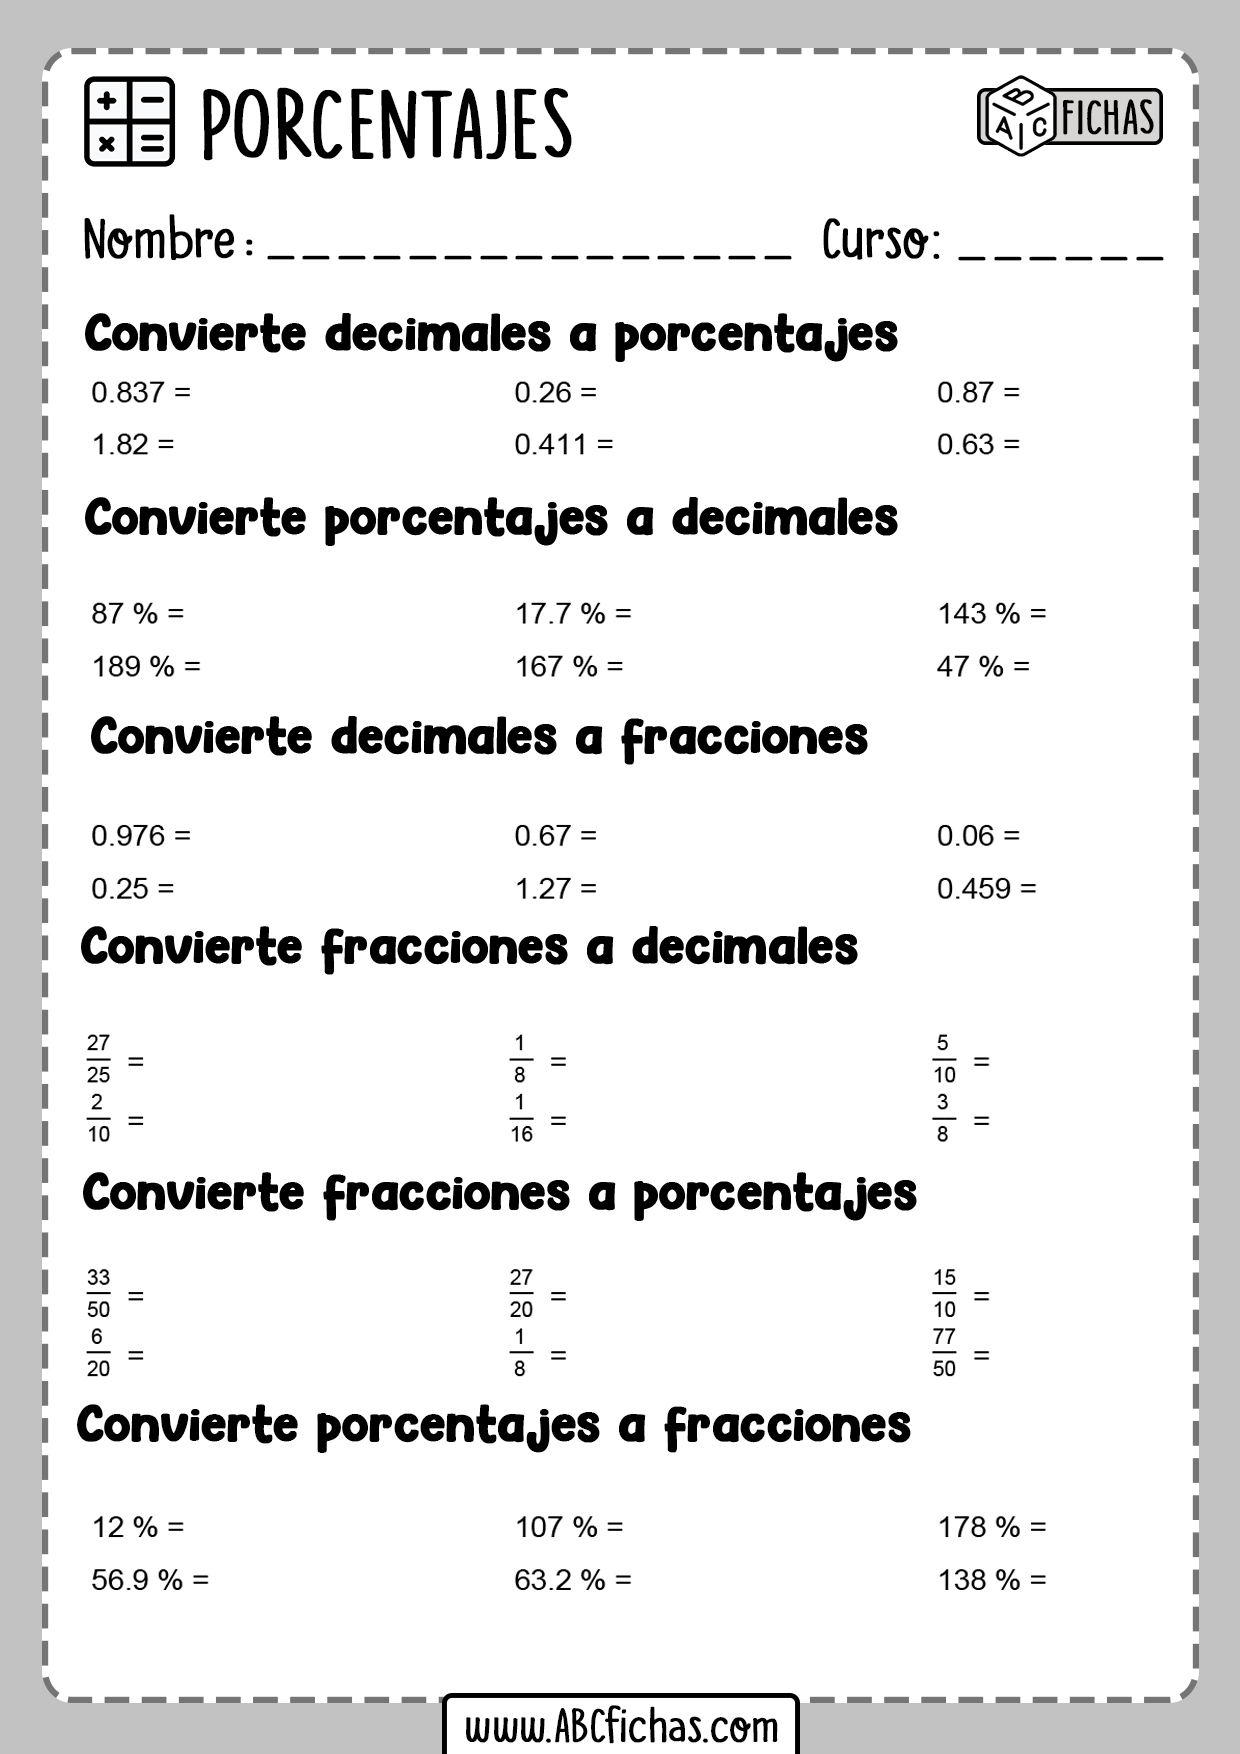 Fichas de ejercicios de porcentajes y calculos